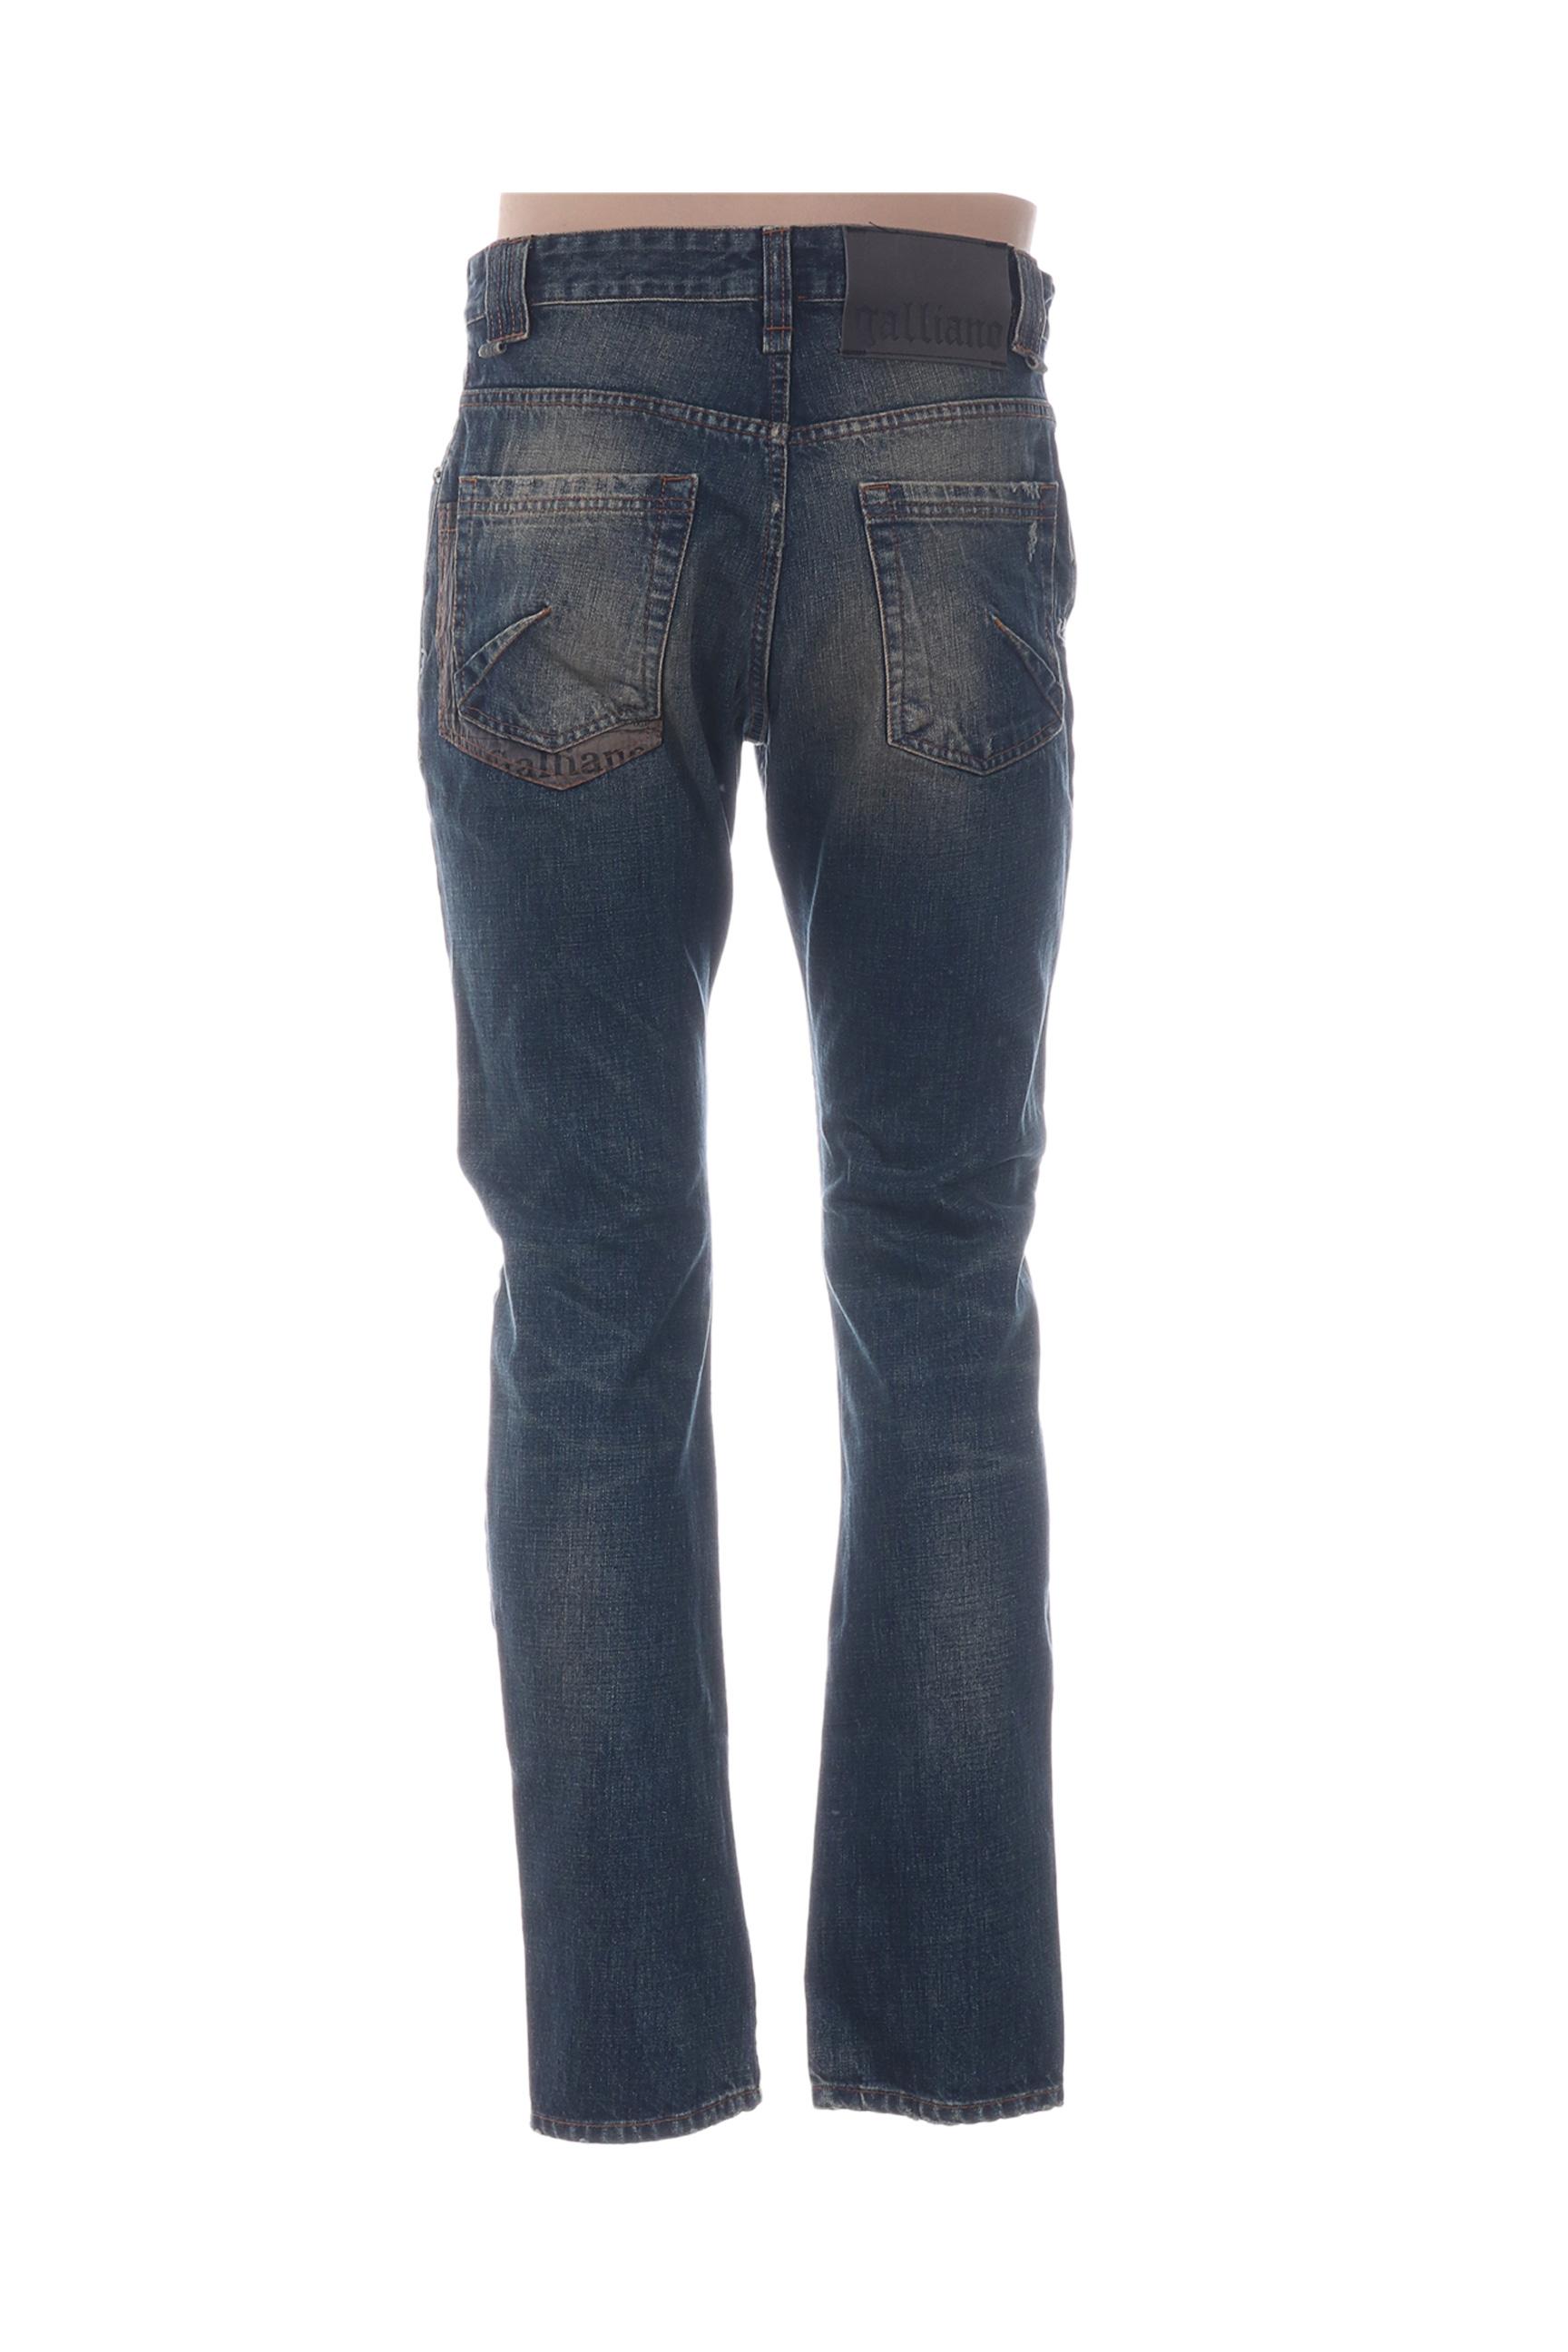 Galliano Jeans Coupe Slim Homme De Couleur Bleu En Soldes Pas Cher 1293387-bleu00